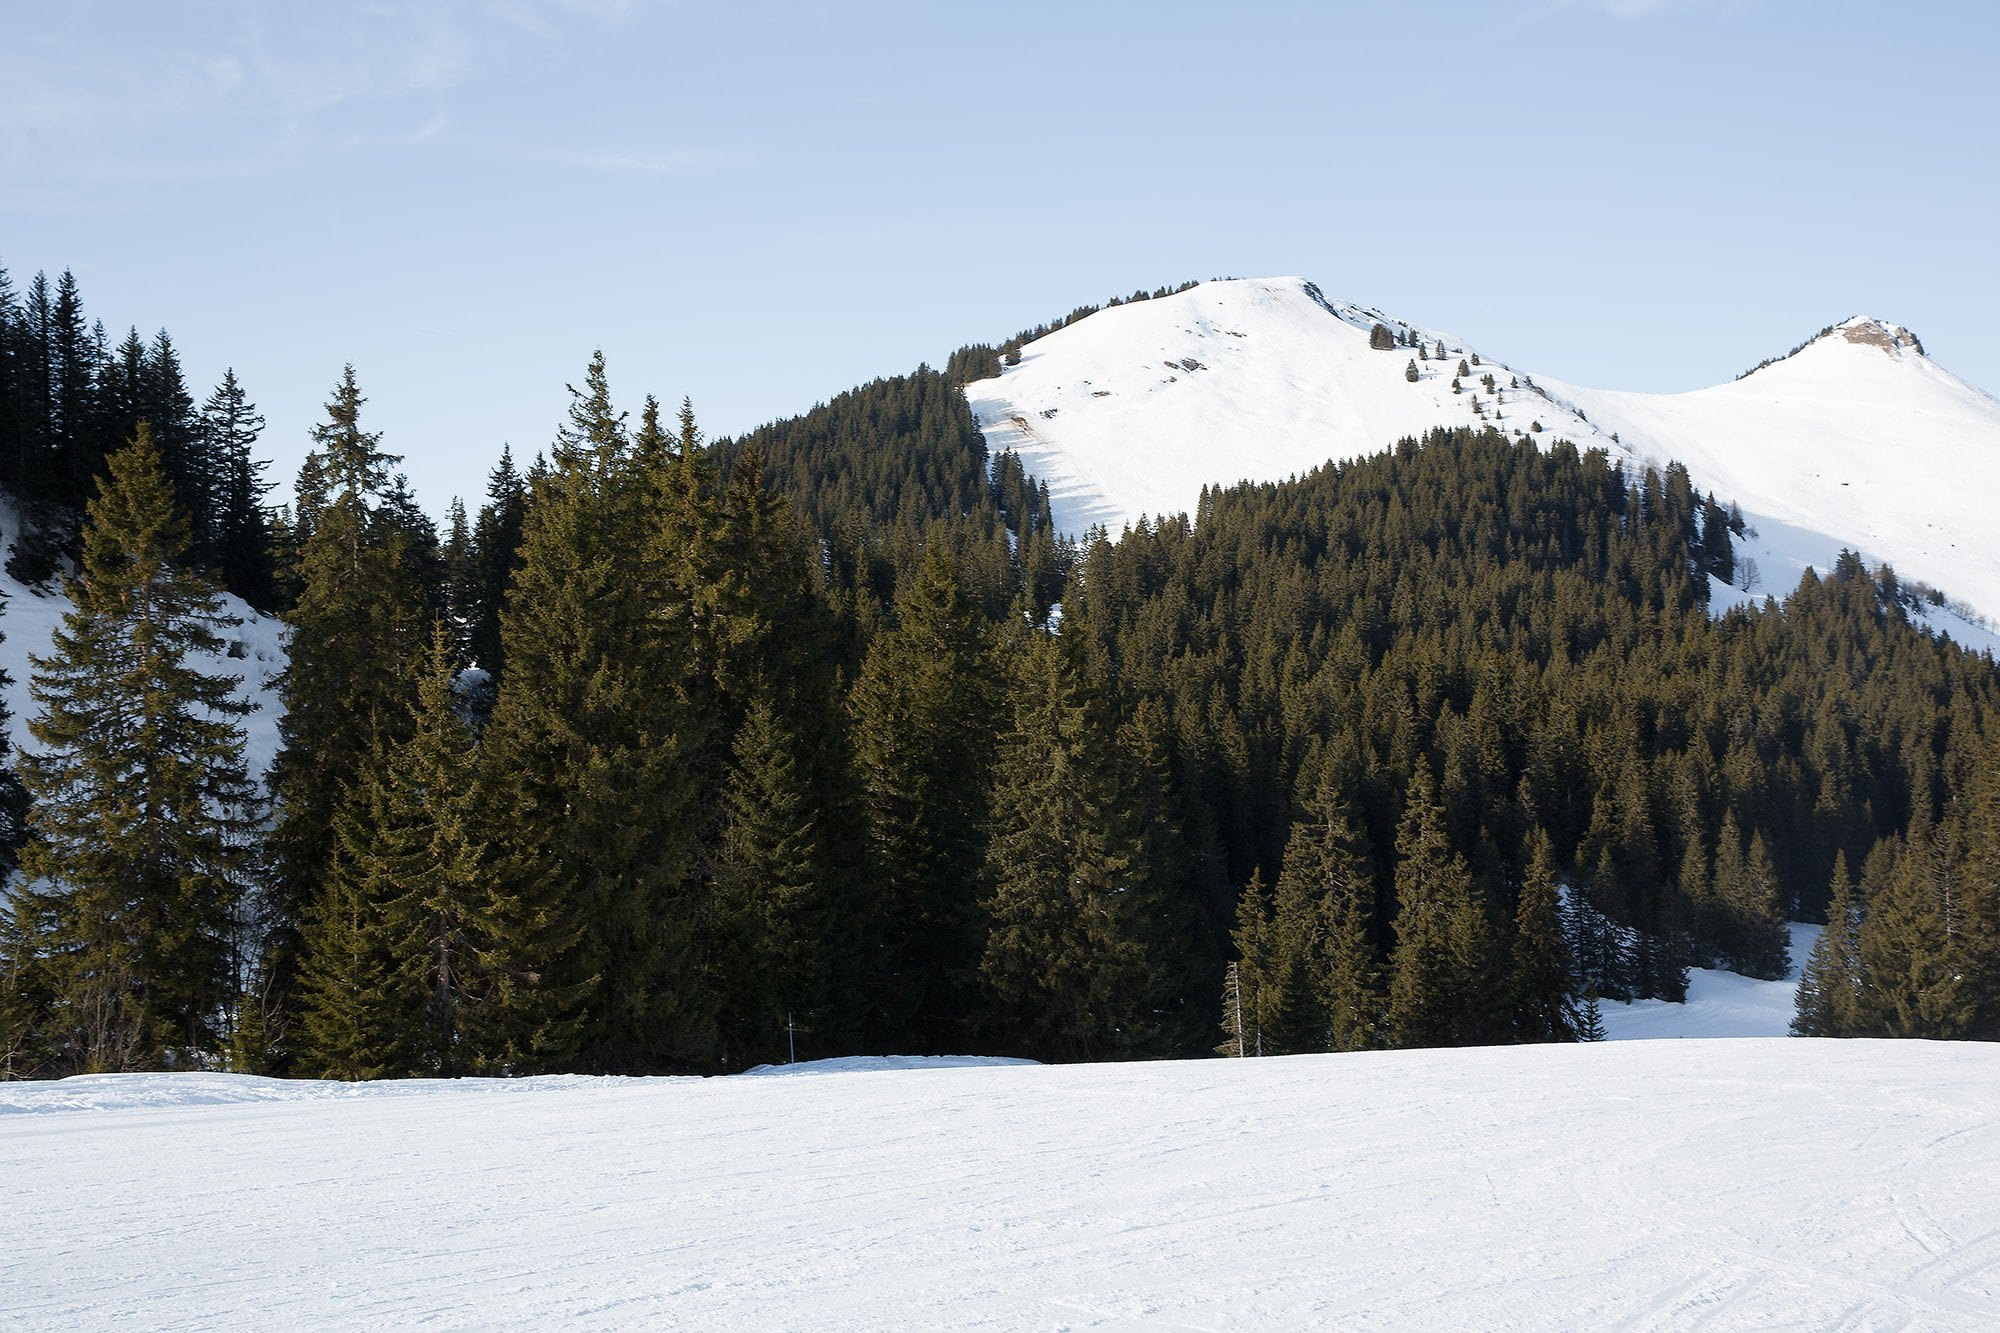 sapins au bord d'une piste de ski